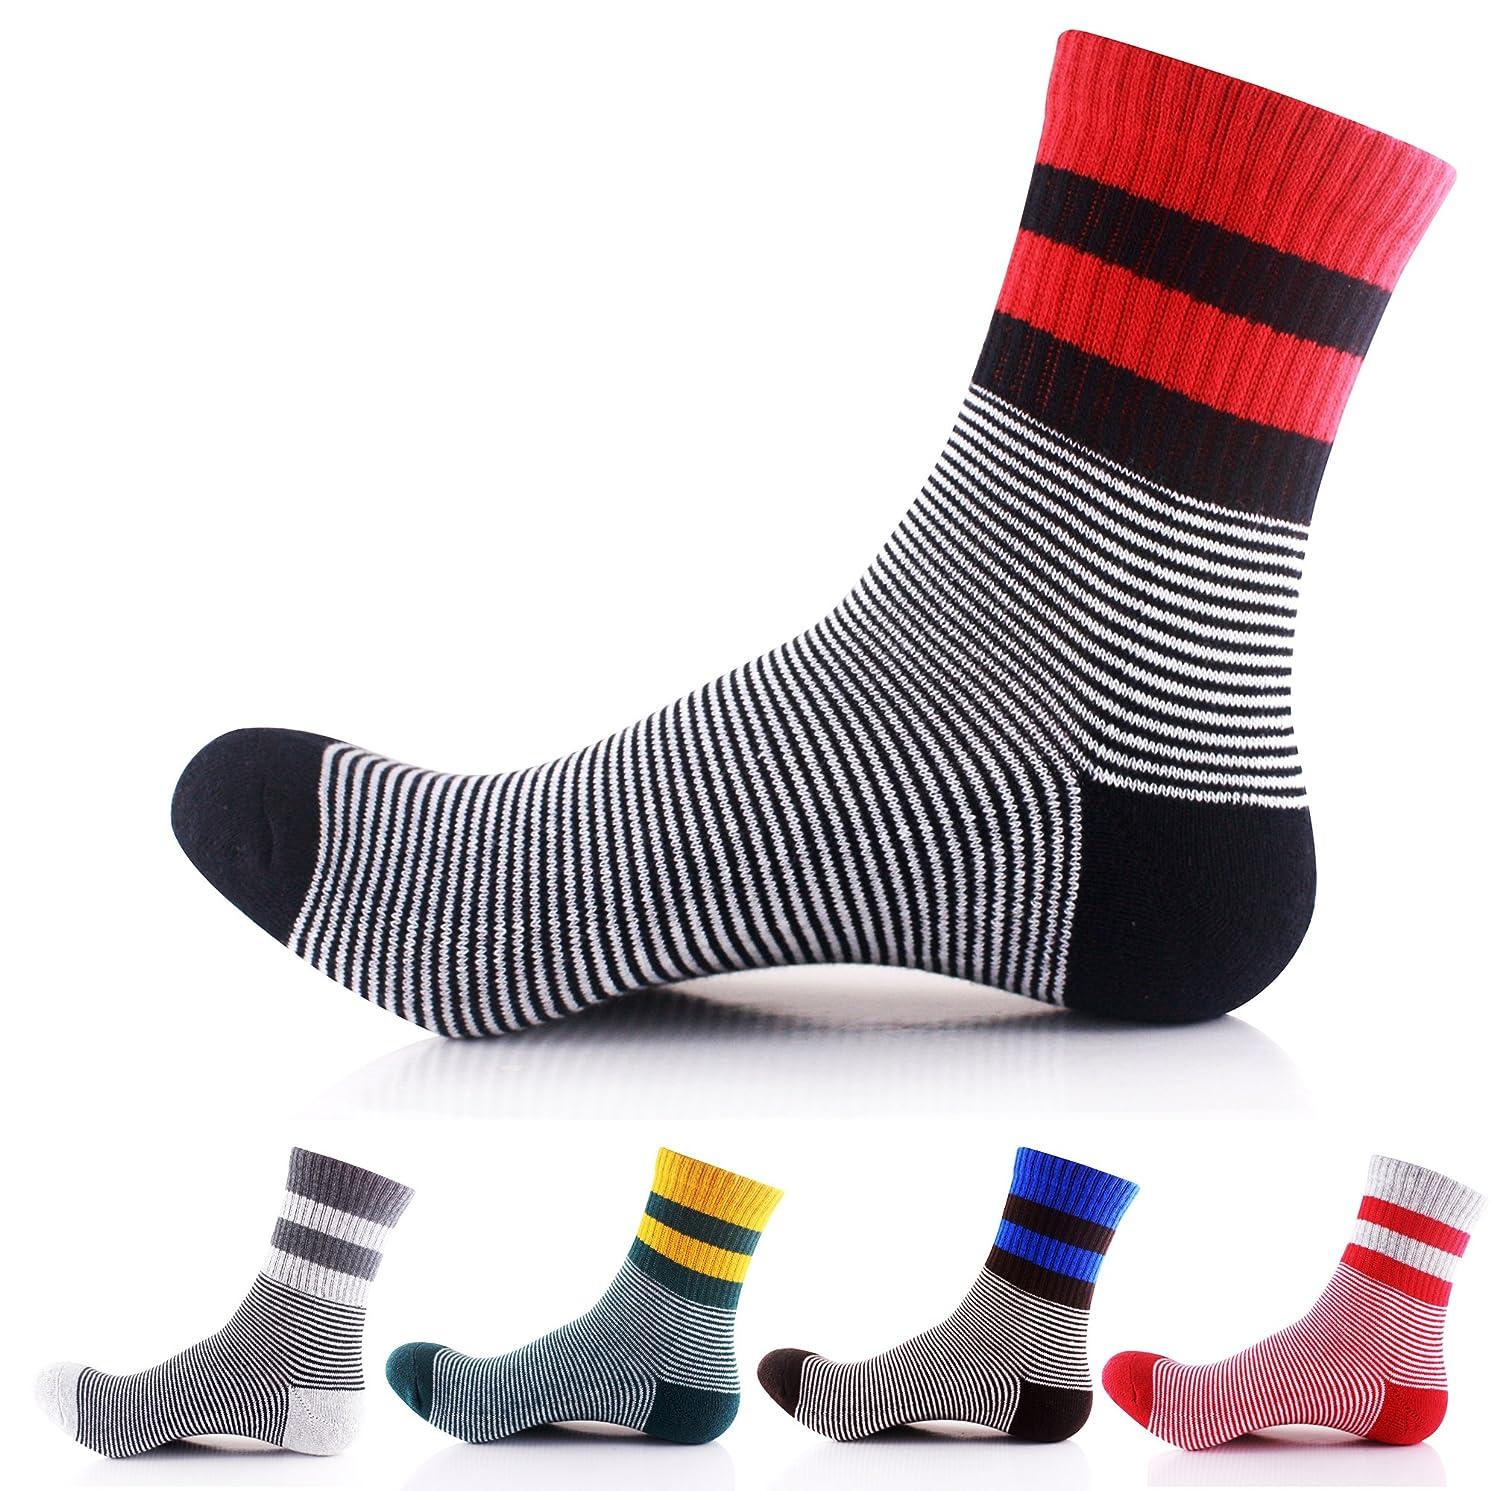 Men's Crew Socks Running Compression Socks Quarter Socks 4,5,6 Pack